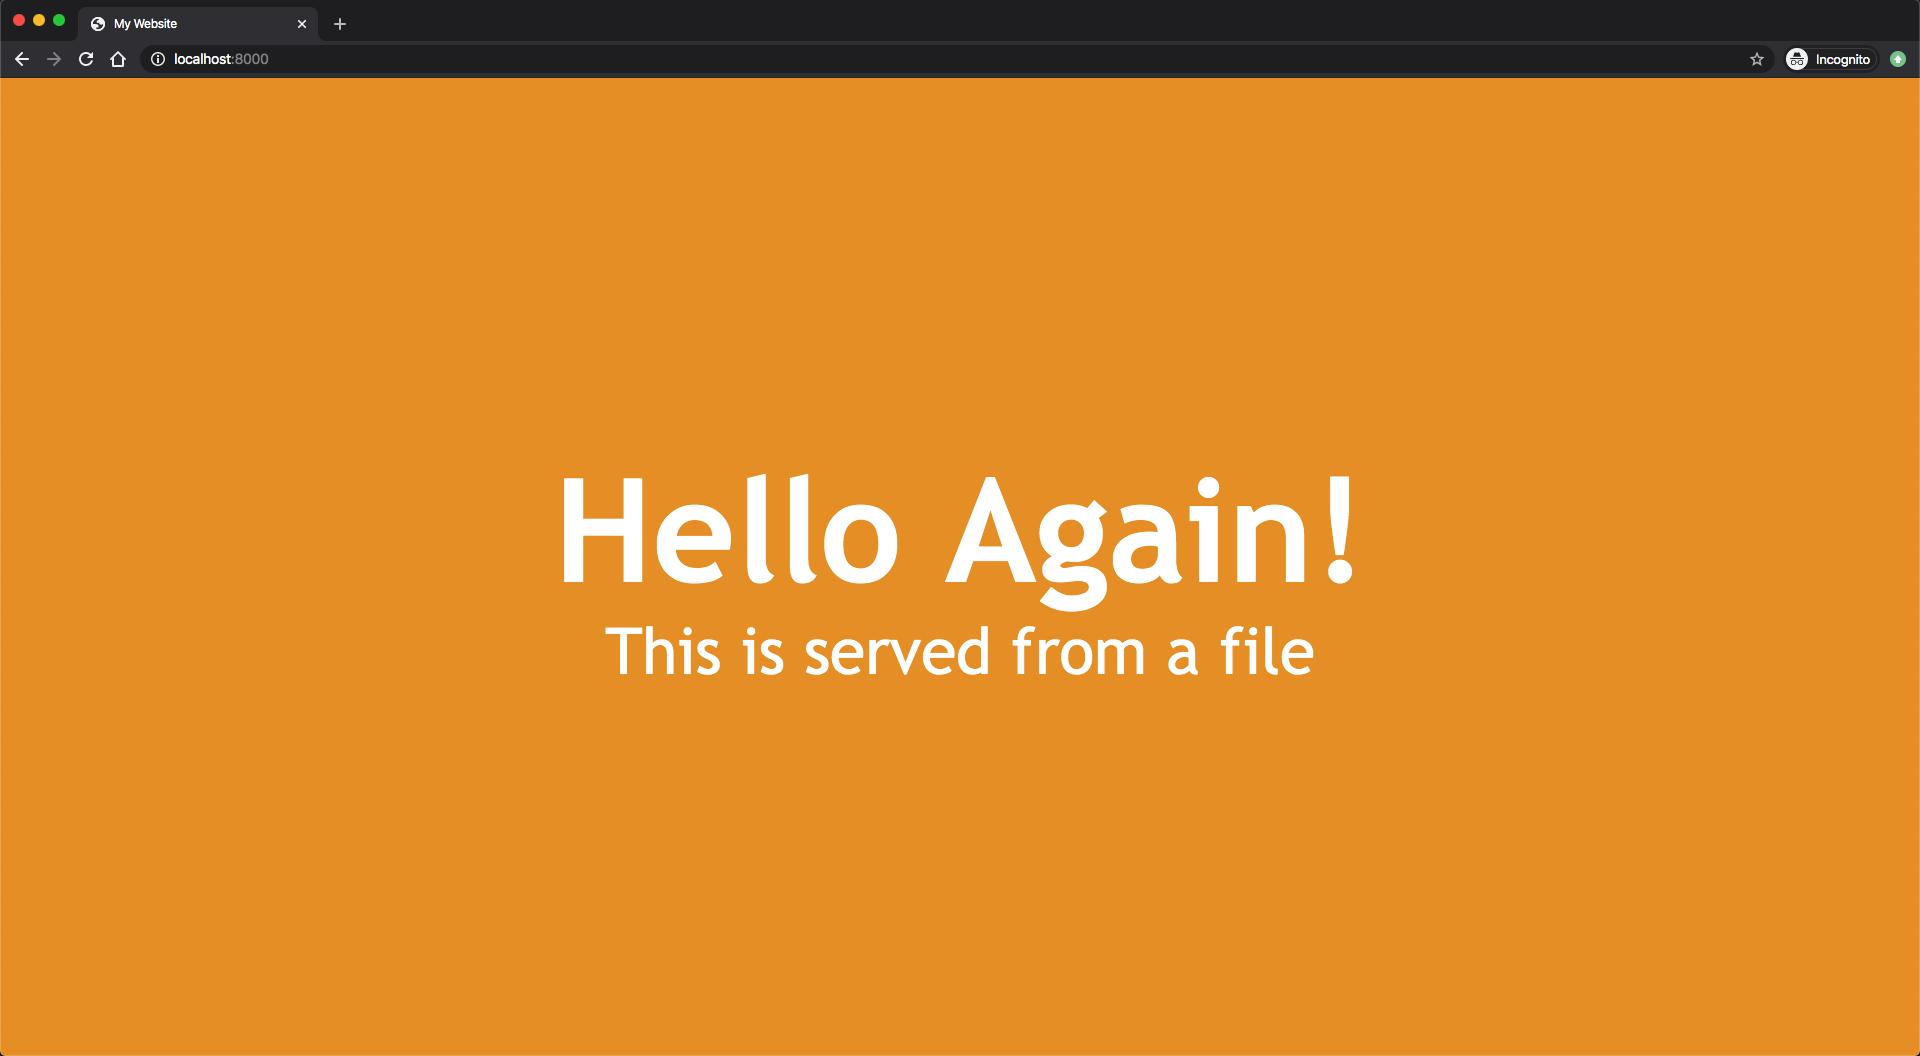 Bild der aus einer Datei in Node.js geladenen HTML-Seite